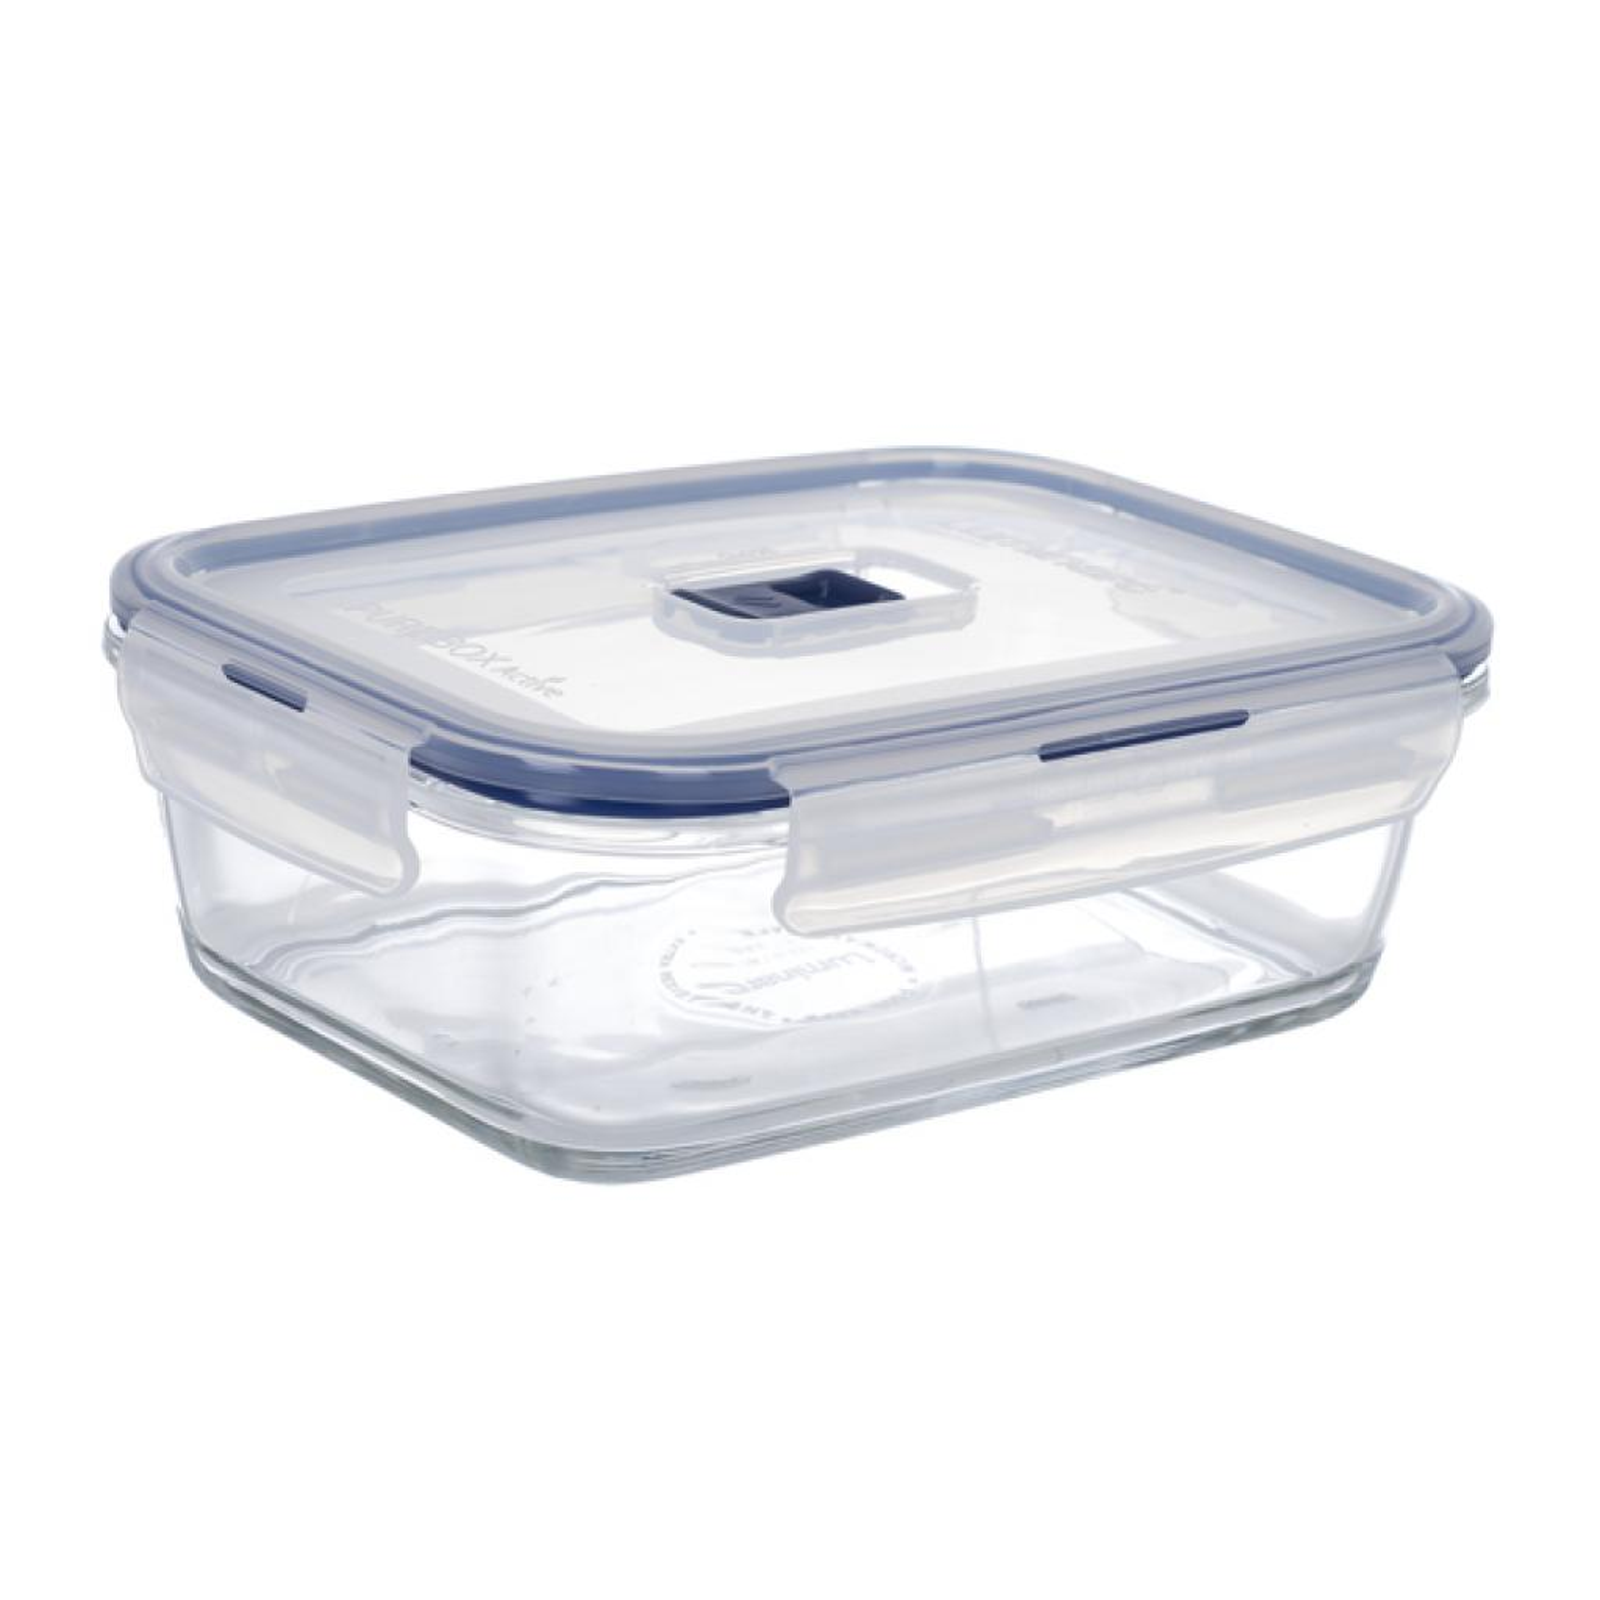 Пищевой контейнер Luminarc Pure Box Active прямоуг. 1220 мл (P3548) изображение 2